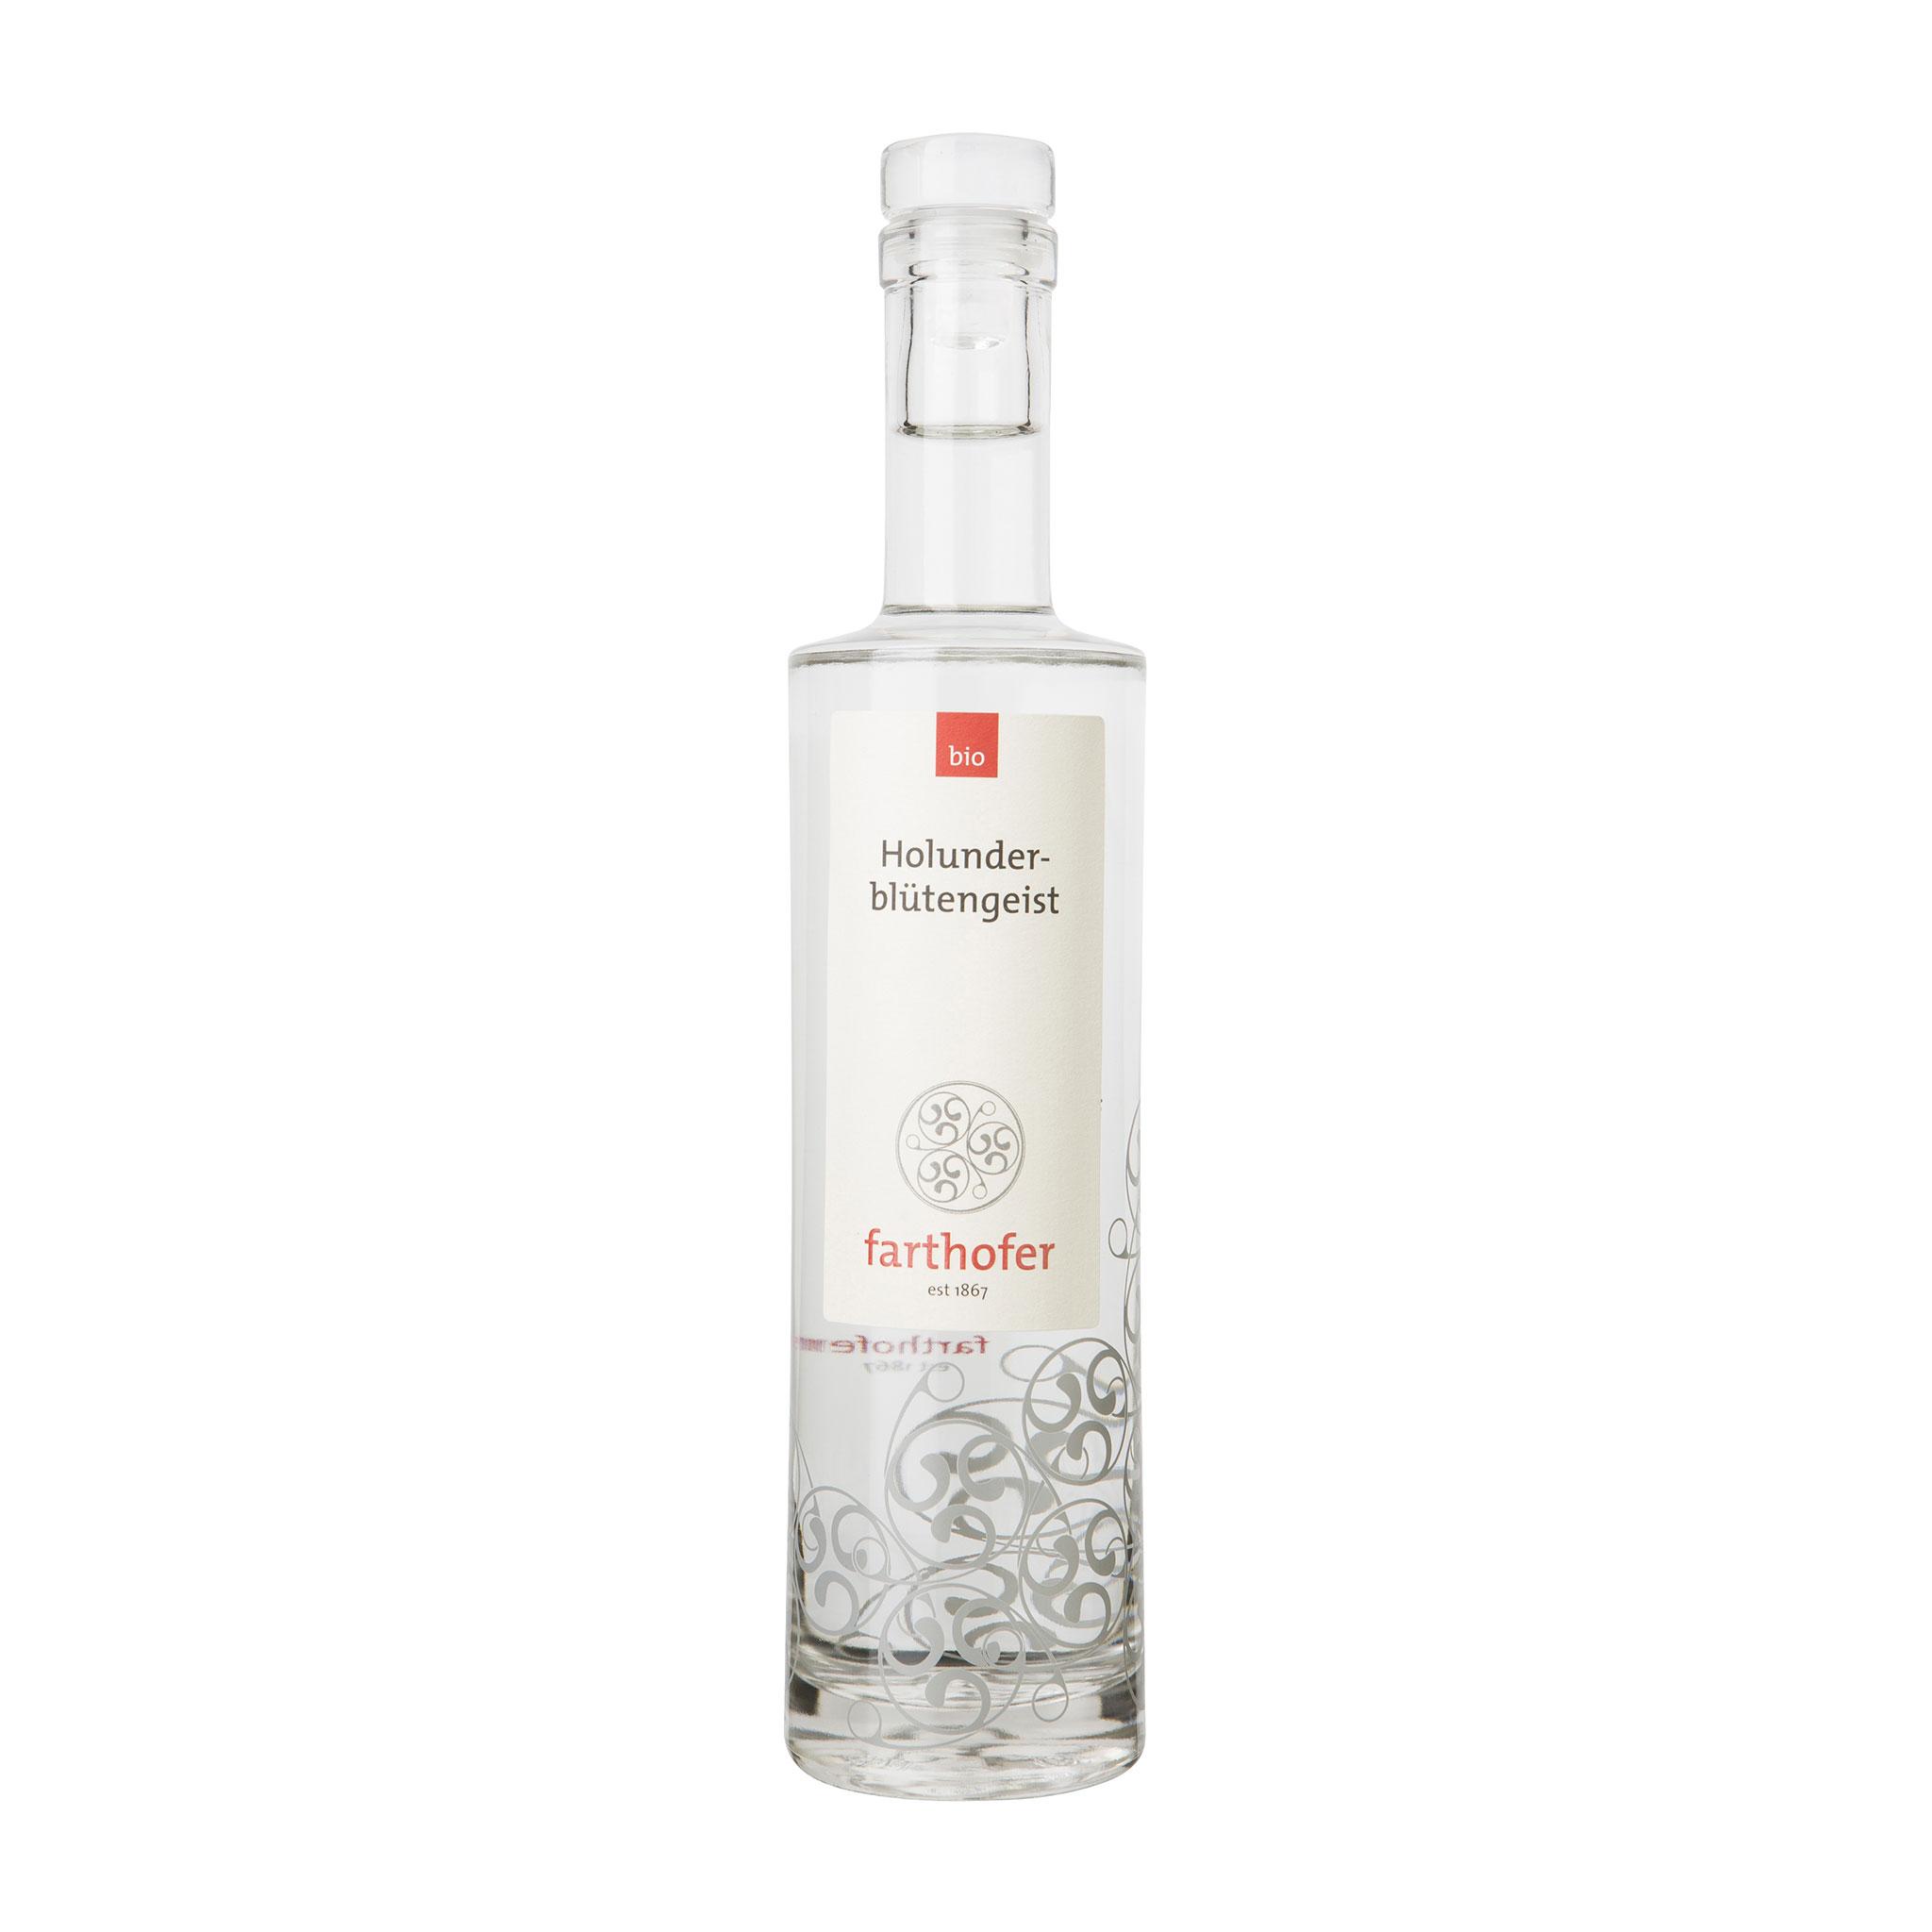 Holunderblütengeist (700 ml)